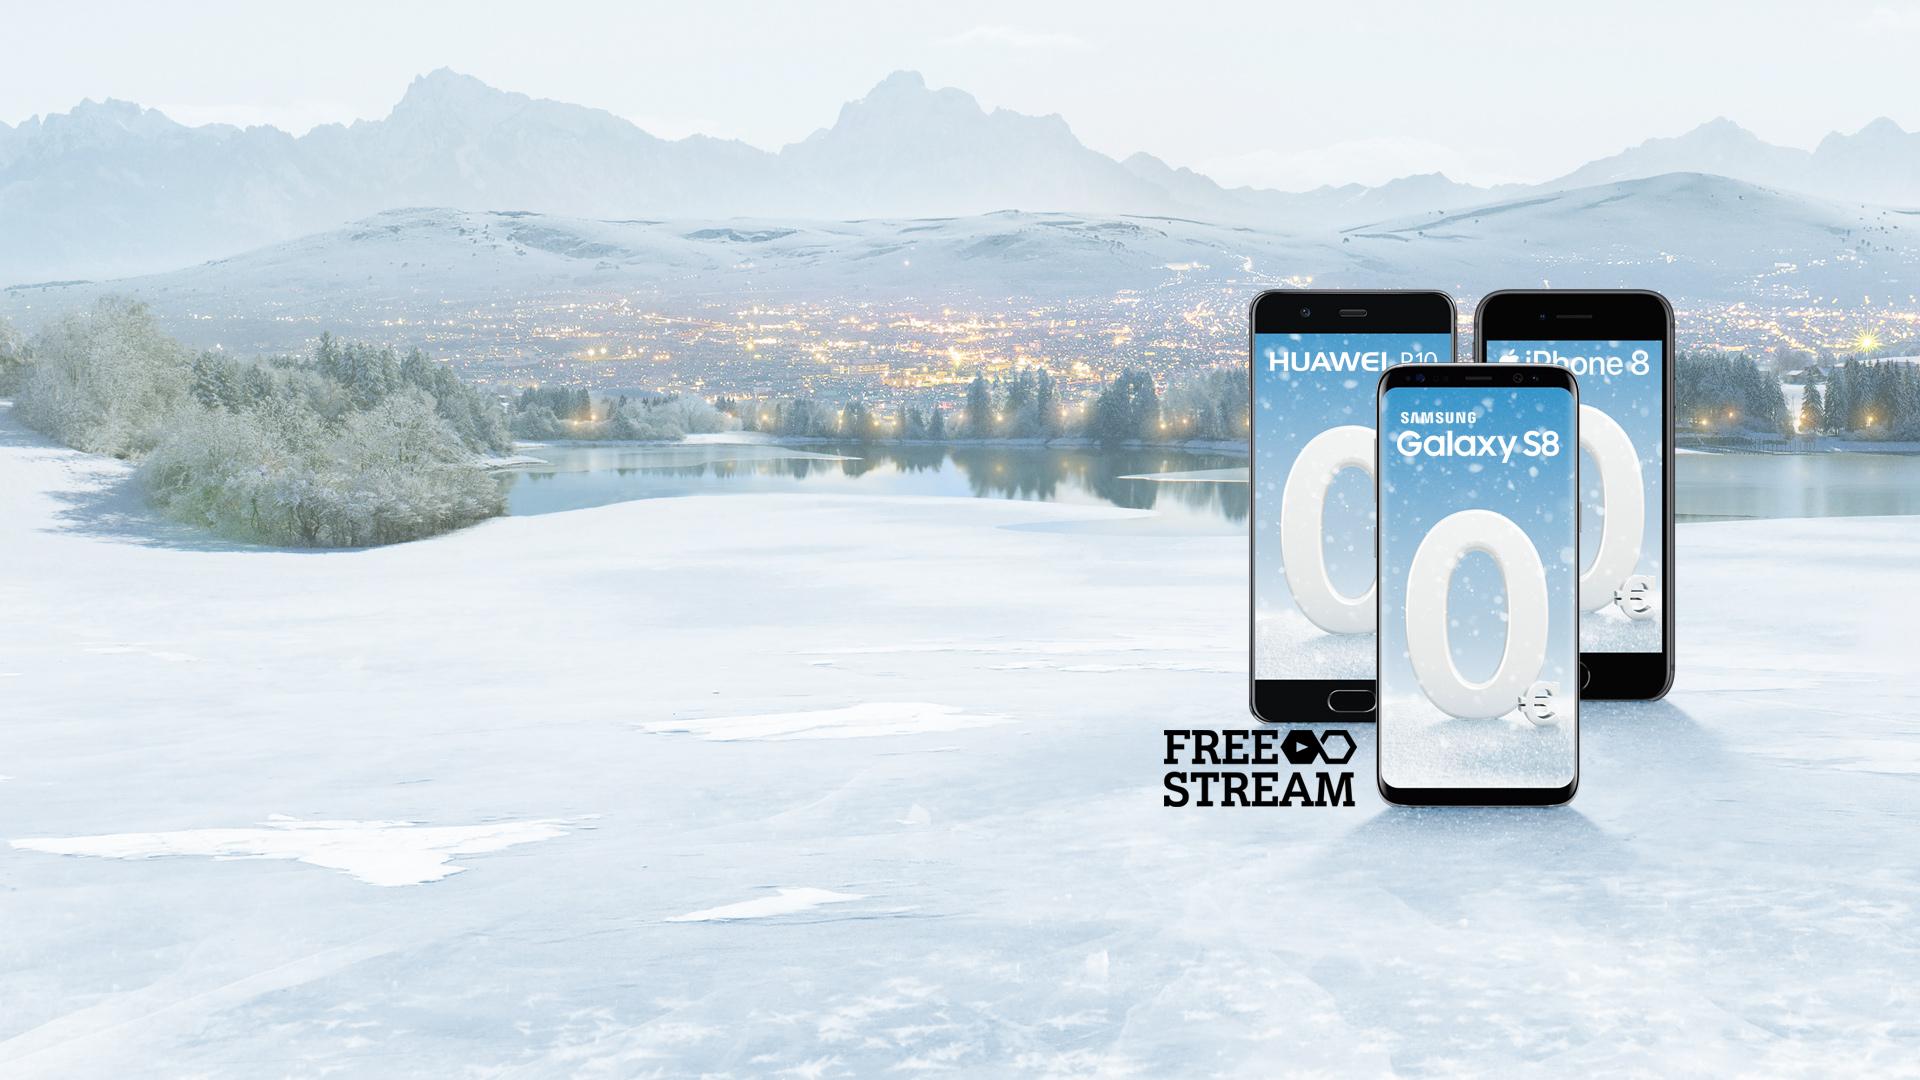 Samsung Galaxy S8, Huawei P10 und iPhone 8 mit gratis Aktivierung und Free Stream Logo auf winterlichem Hintergrund